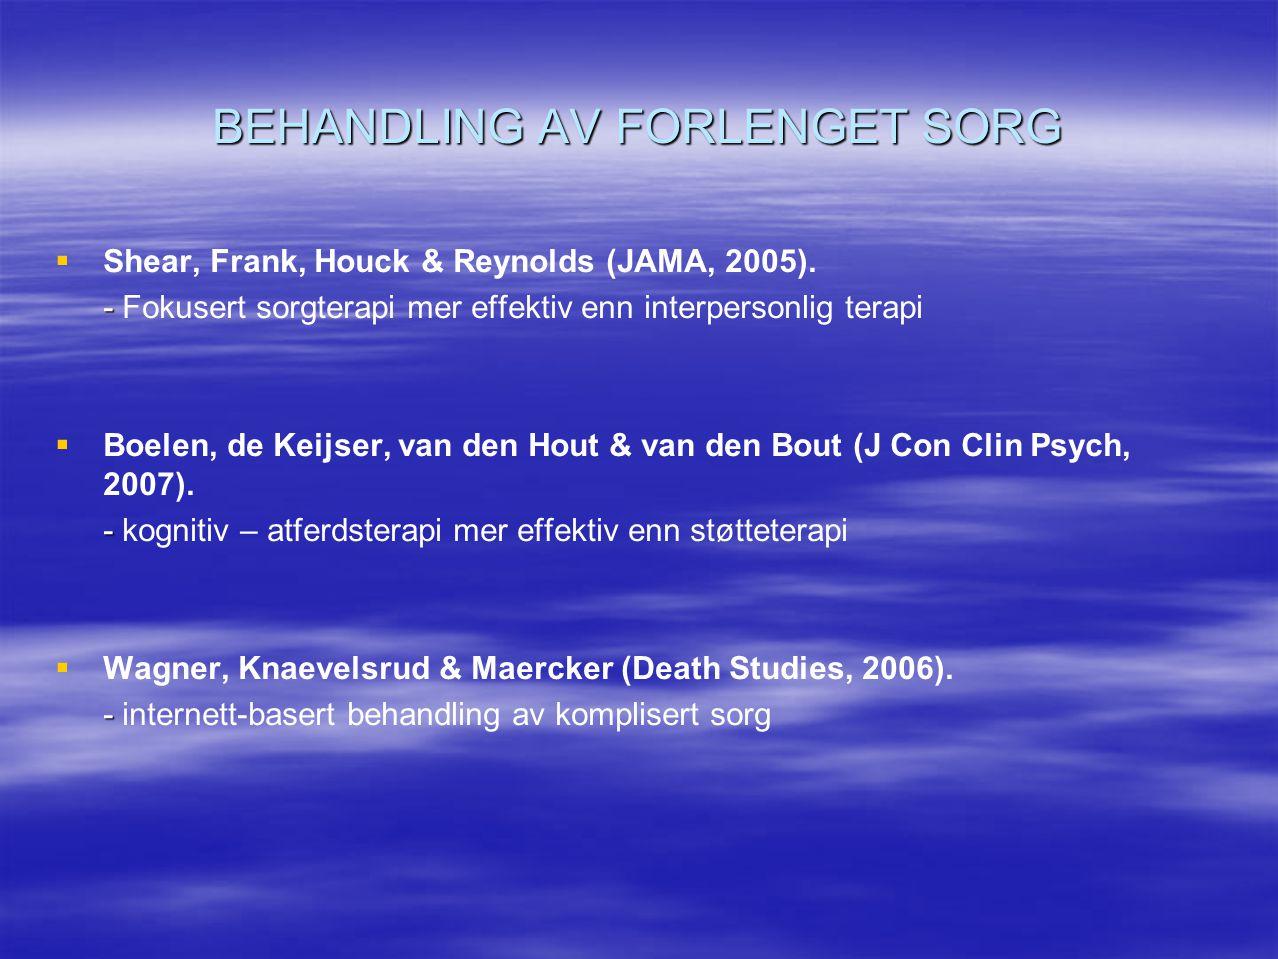 BEHANDLING AV FORLENGET SORG   Shear, Frank, Houck & Reynolds (JAMA, 2005). - - Fokusert sorgterapi mer effektiv enn interpersonlig terapi   Boele